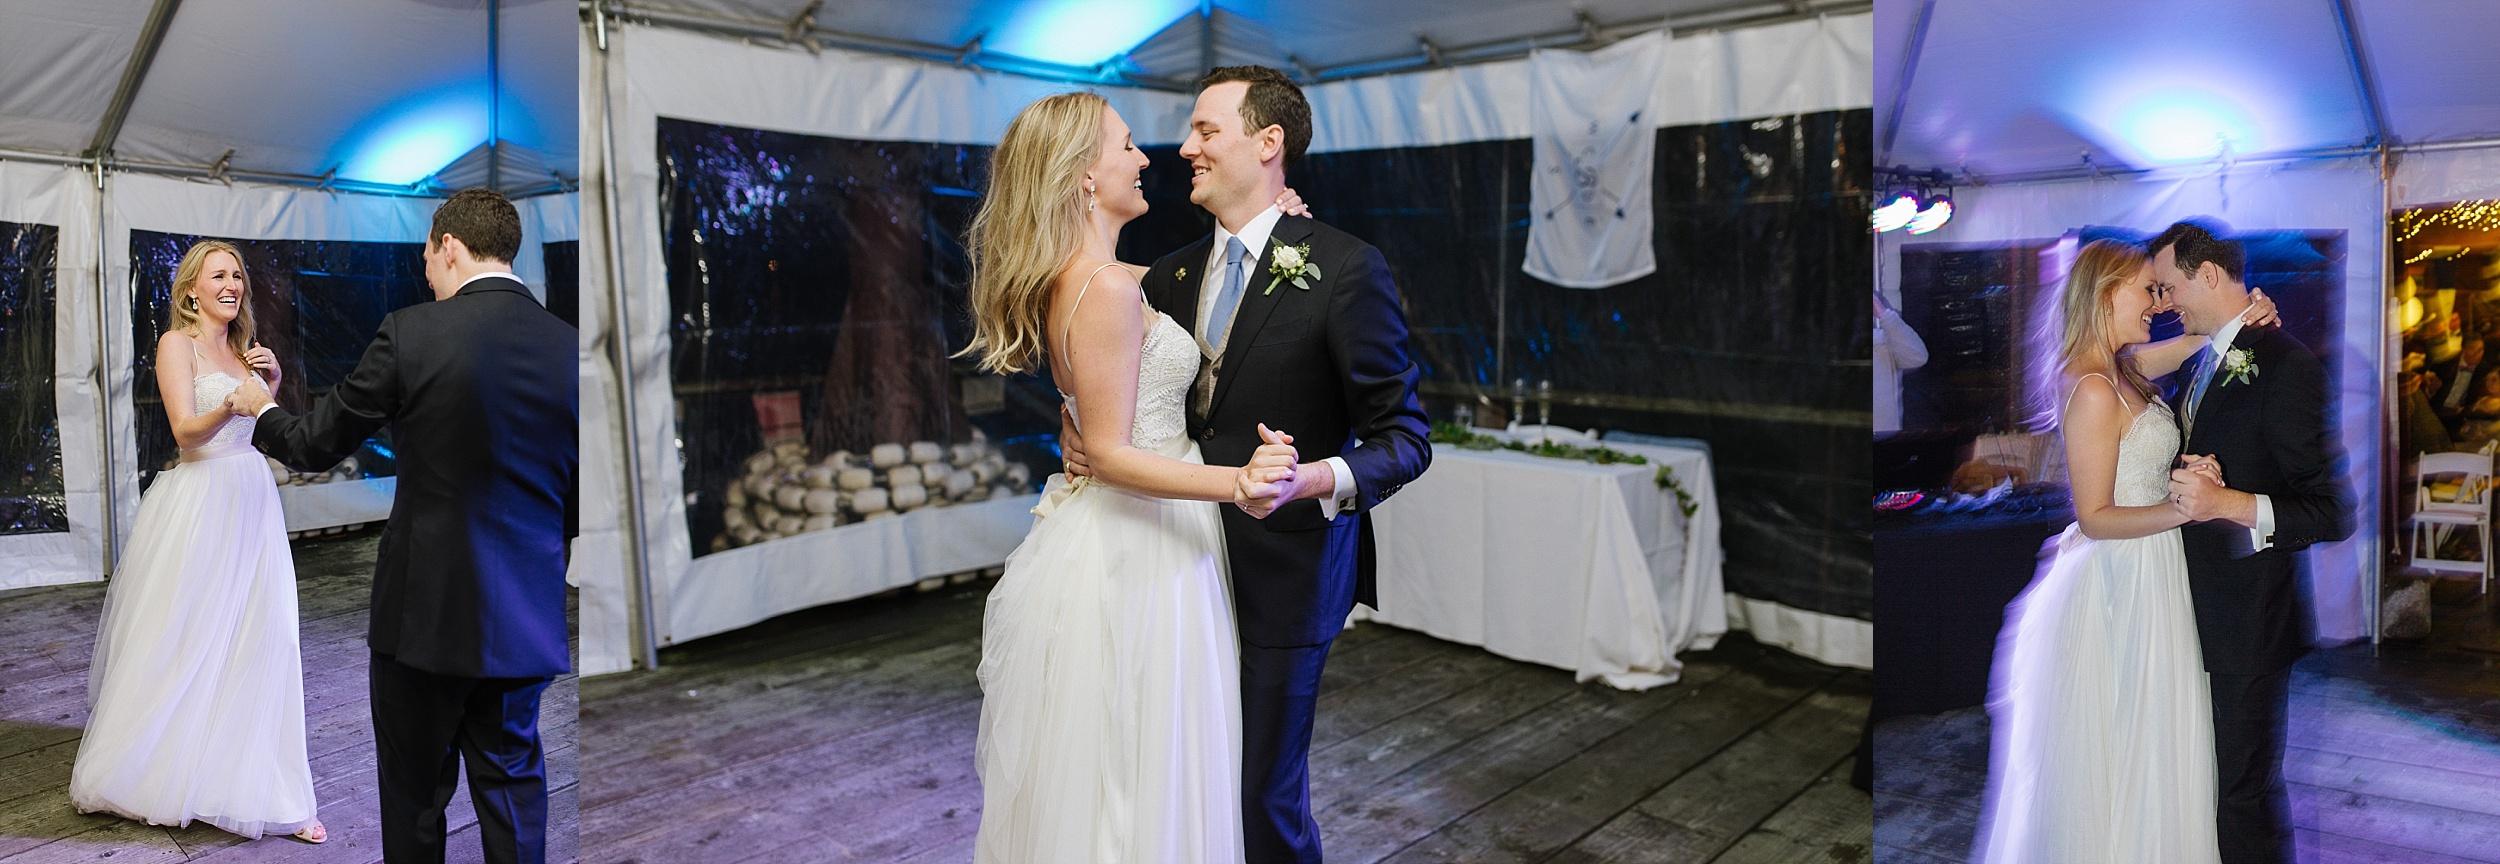 gig_harbor_washington_wedding_danacolin_cdp_0042.jpg